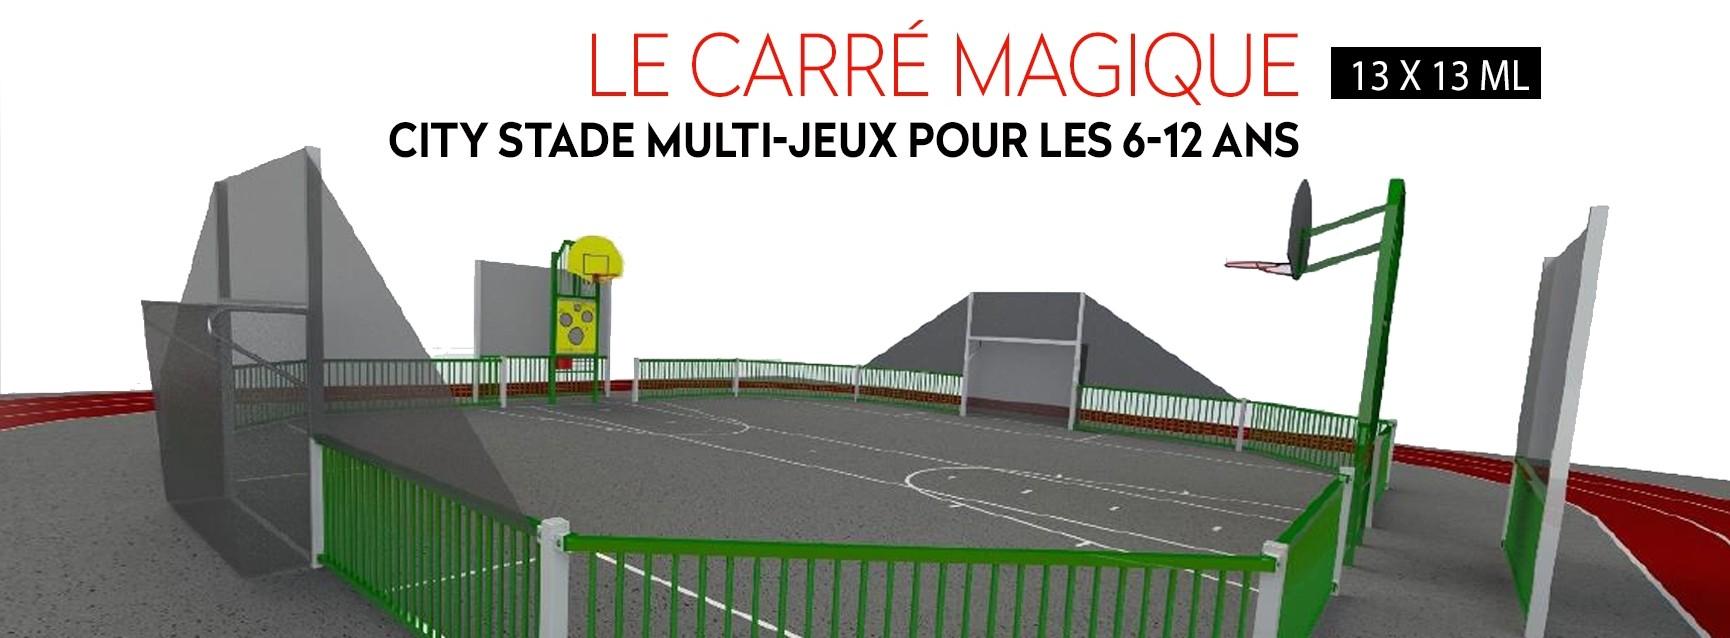 Carré Magique - Multisport